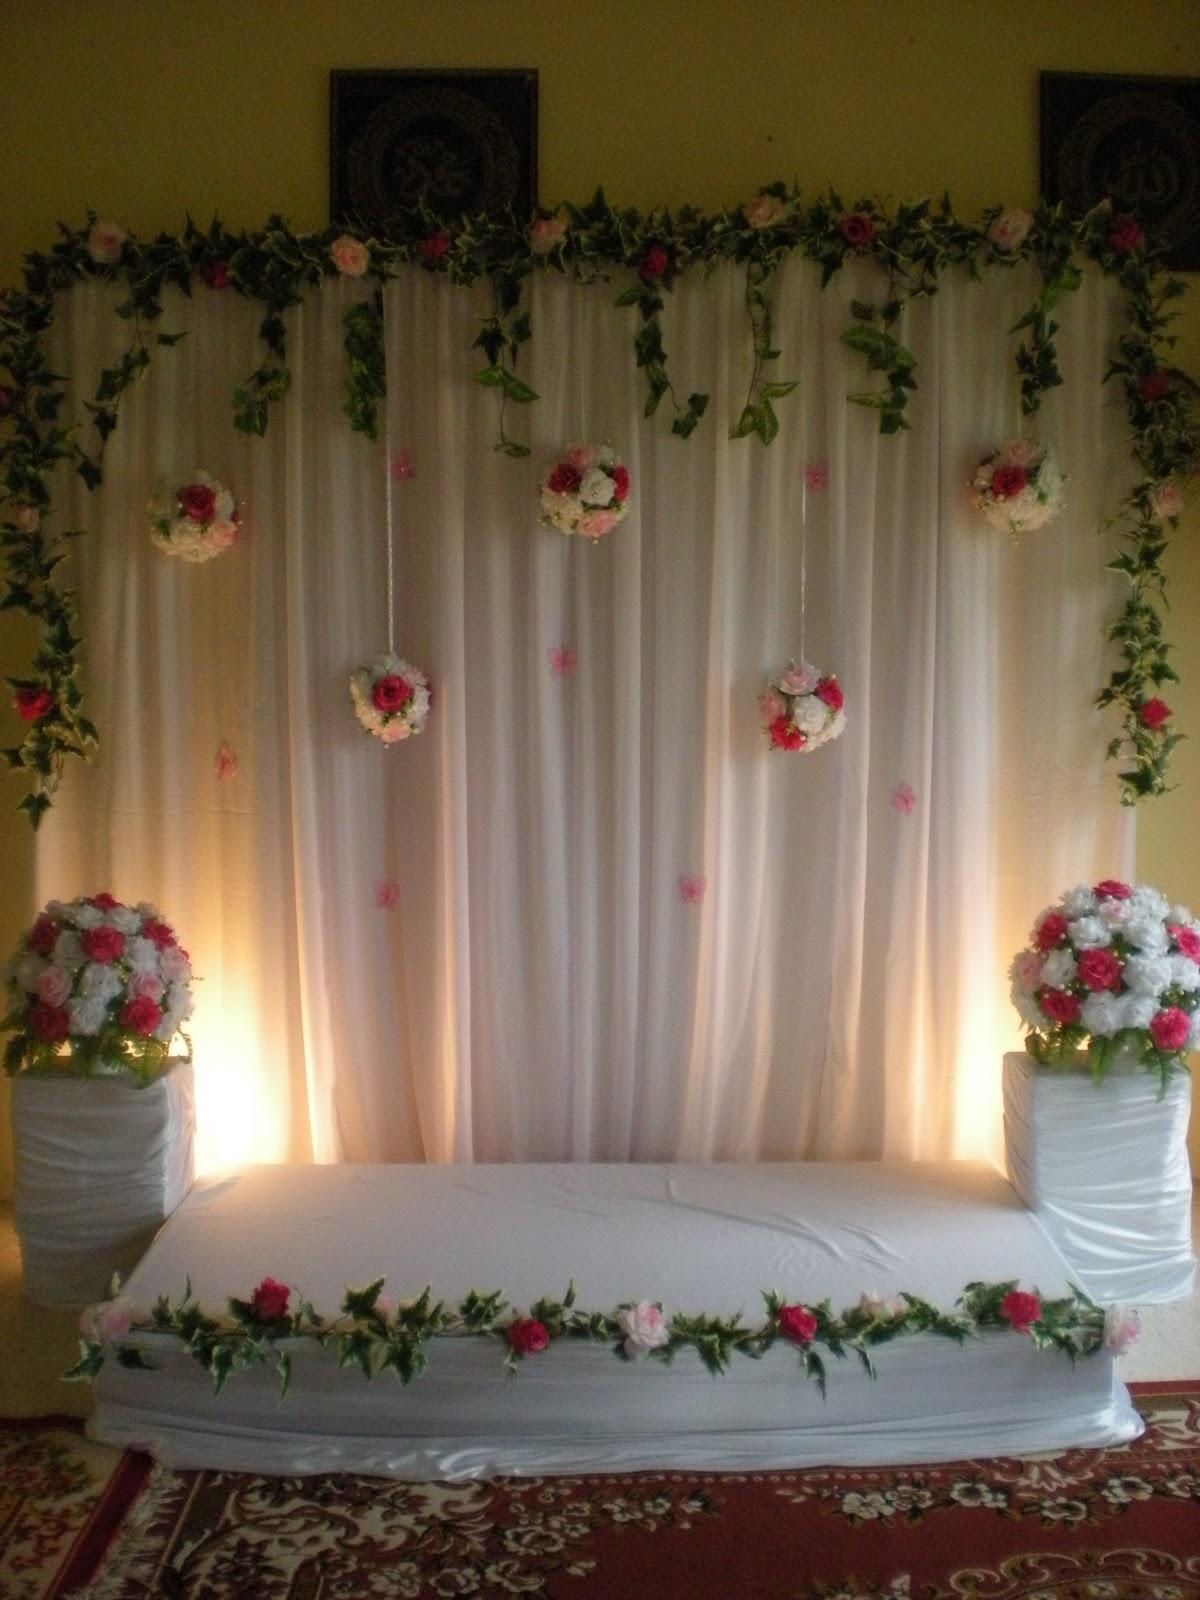 Terkini 2011 http://butikratusehari.blogspot.com/2011/01/pelamin-2011